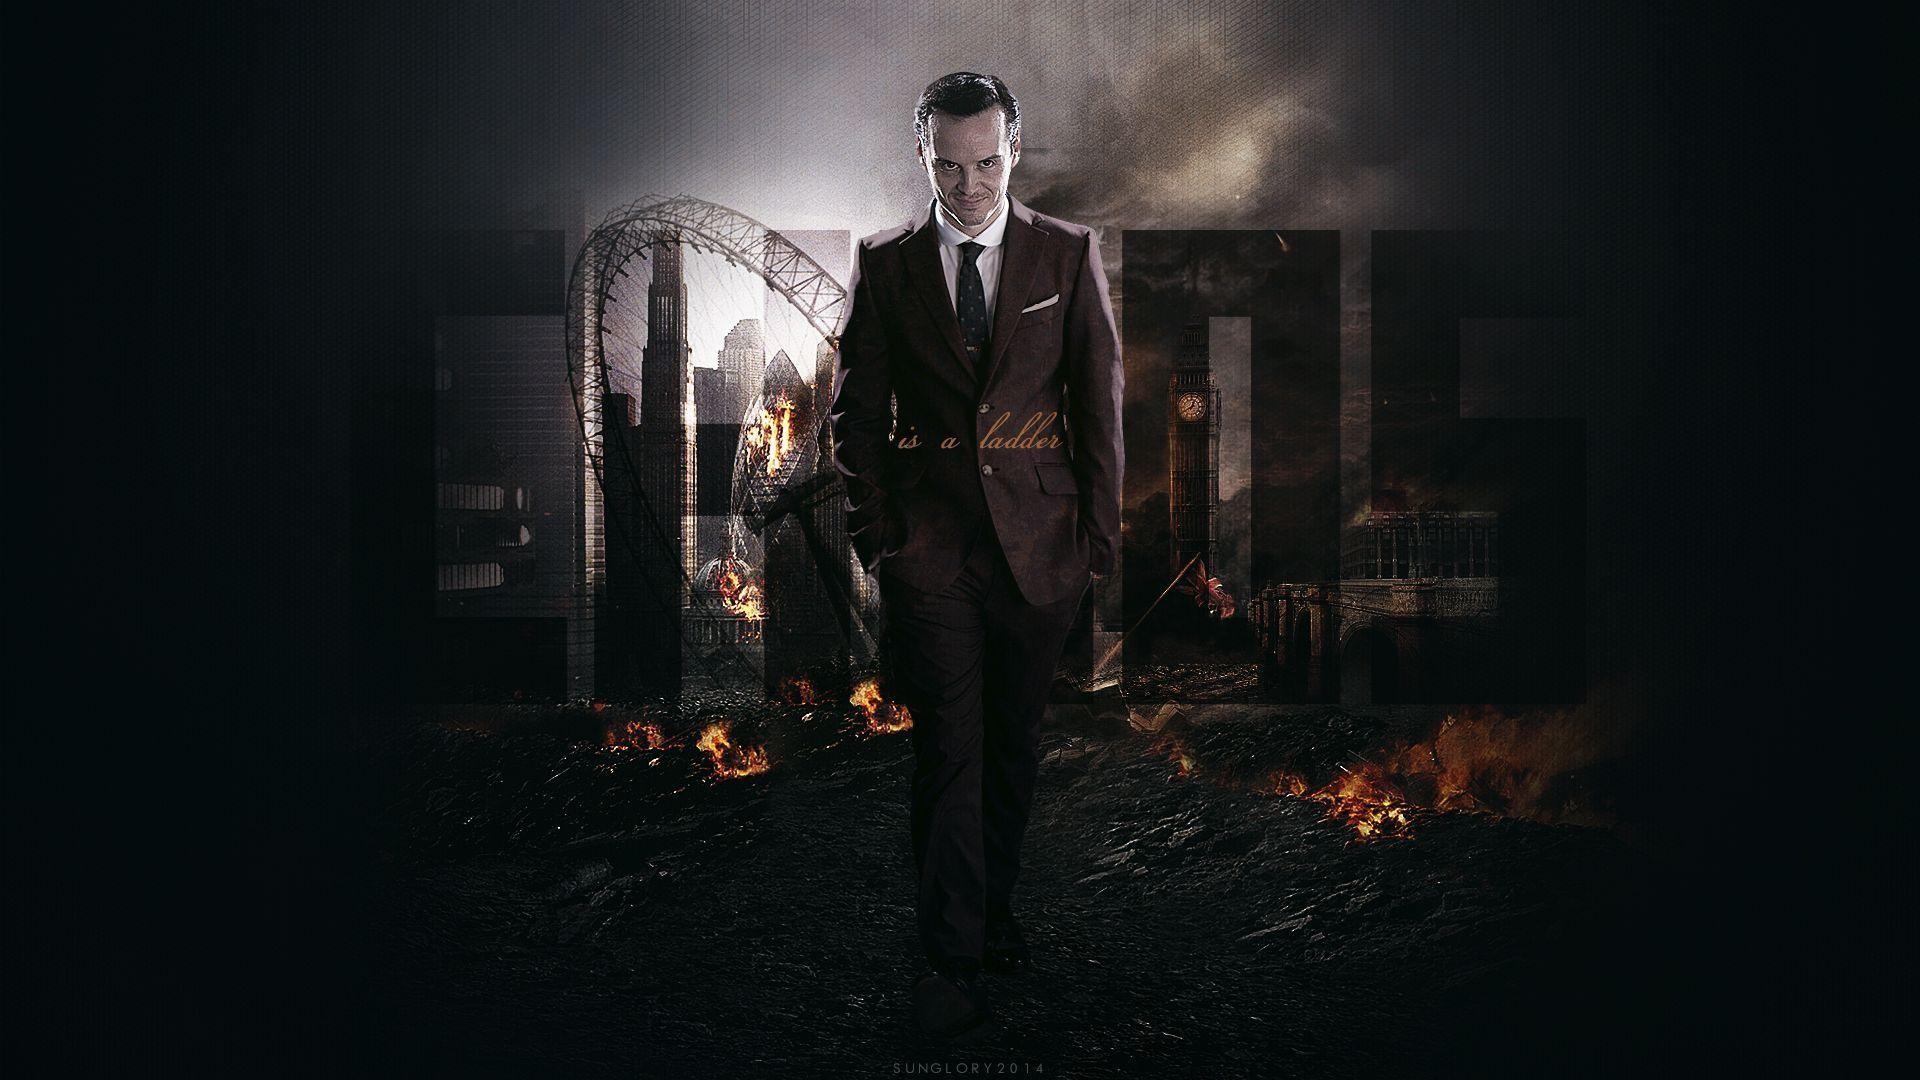 Miss me? Звезда «Шерлока» и «Чёрного зеркала» сыграет талантливого мистера Рипли